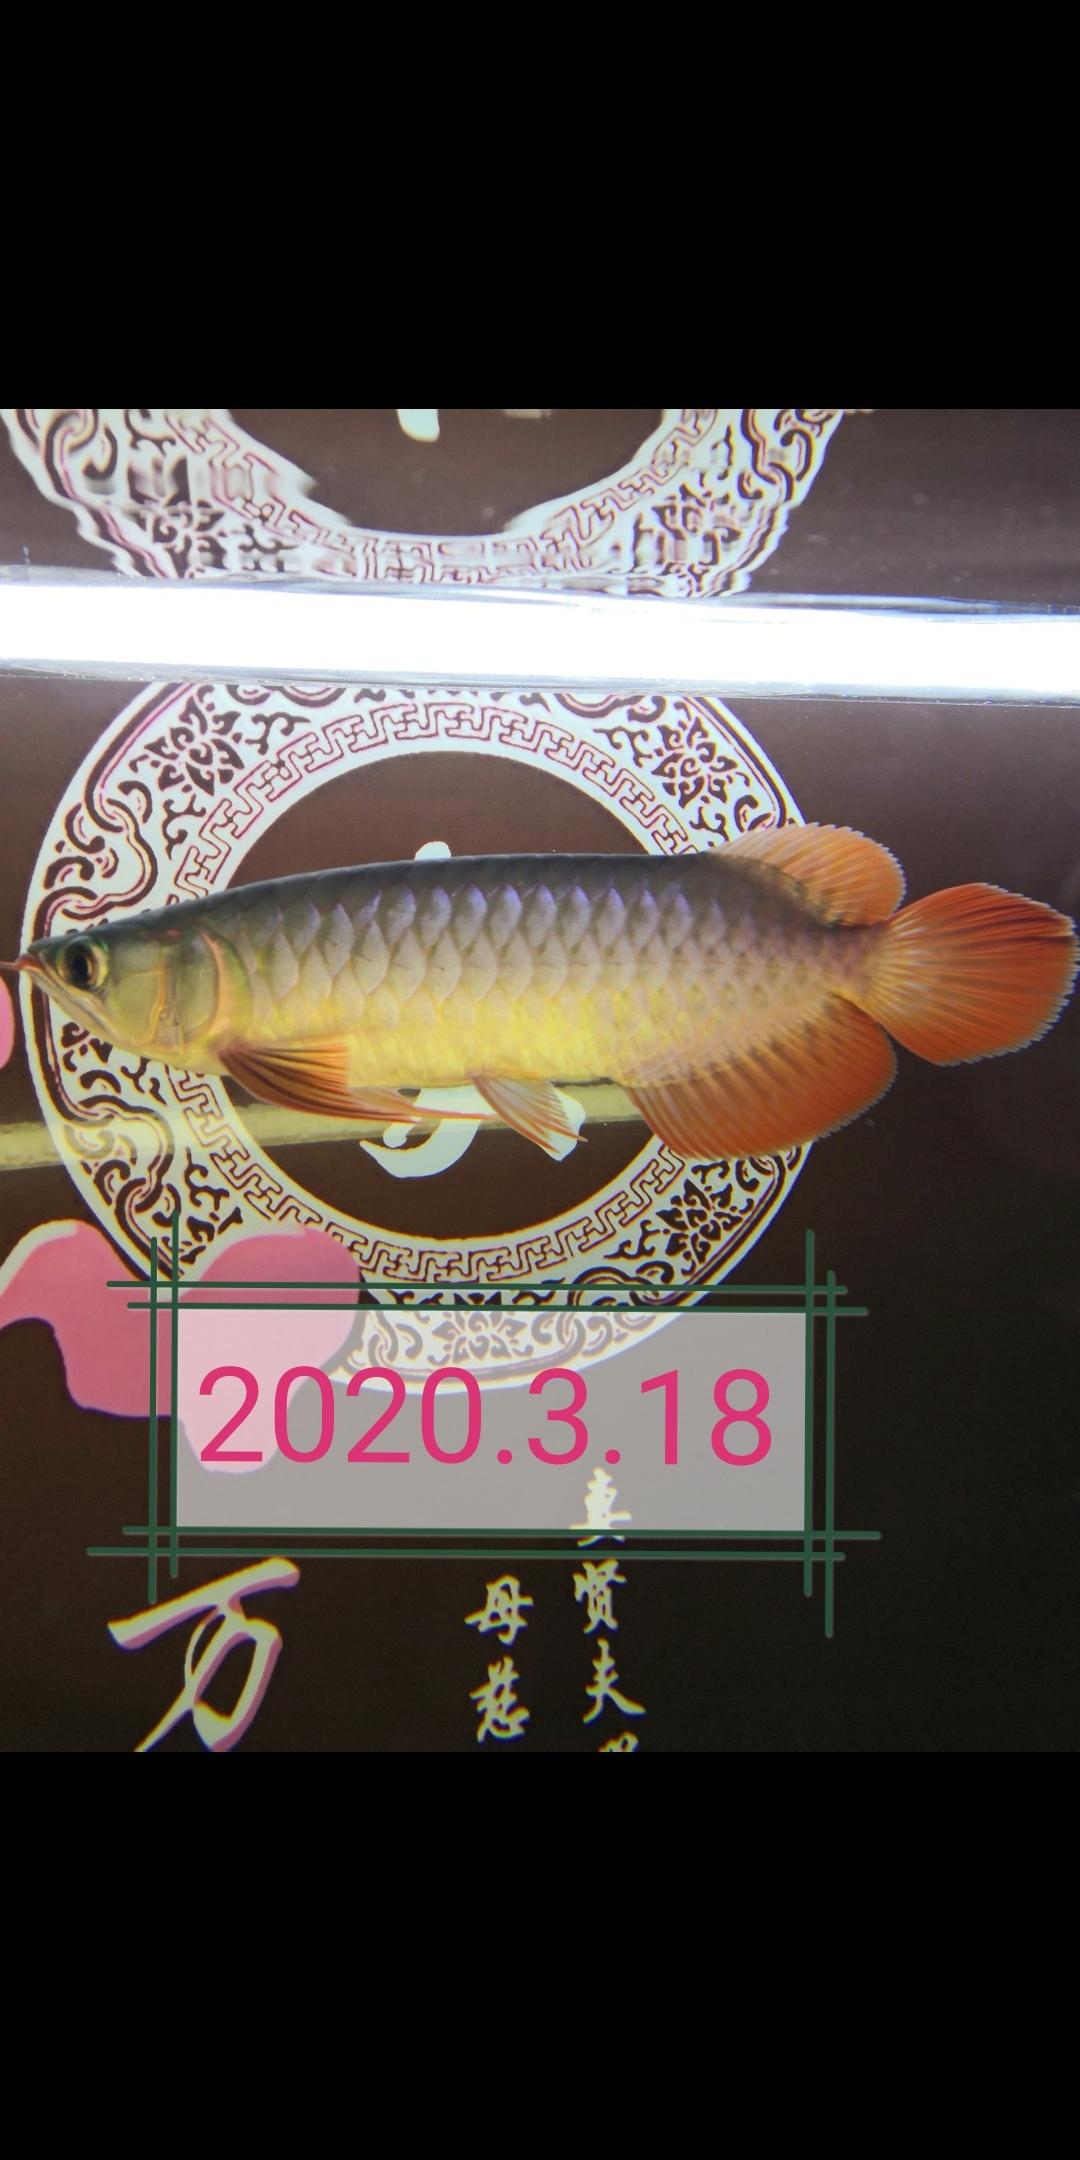 郑州玫瑰银板鱼怎么养大鱼住别墅小鱼再入缸 郑州龙鱼论坛 郑州龙鱼第4张